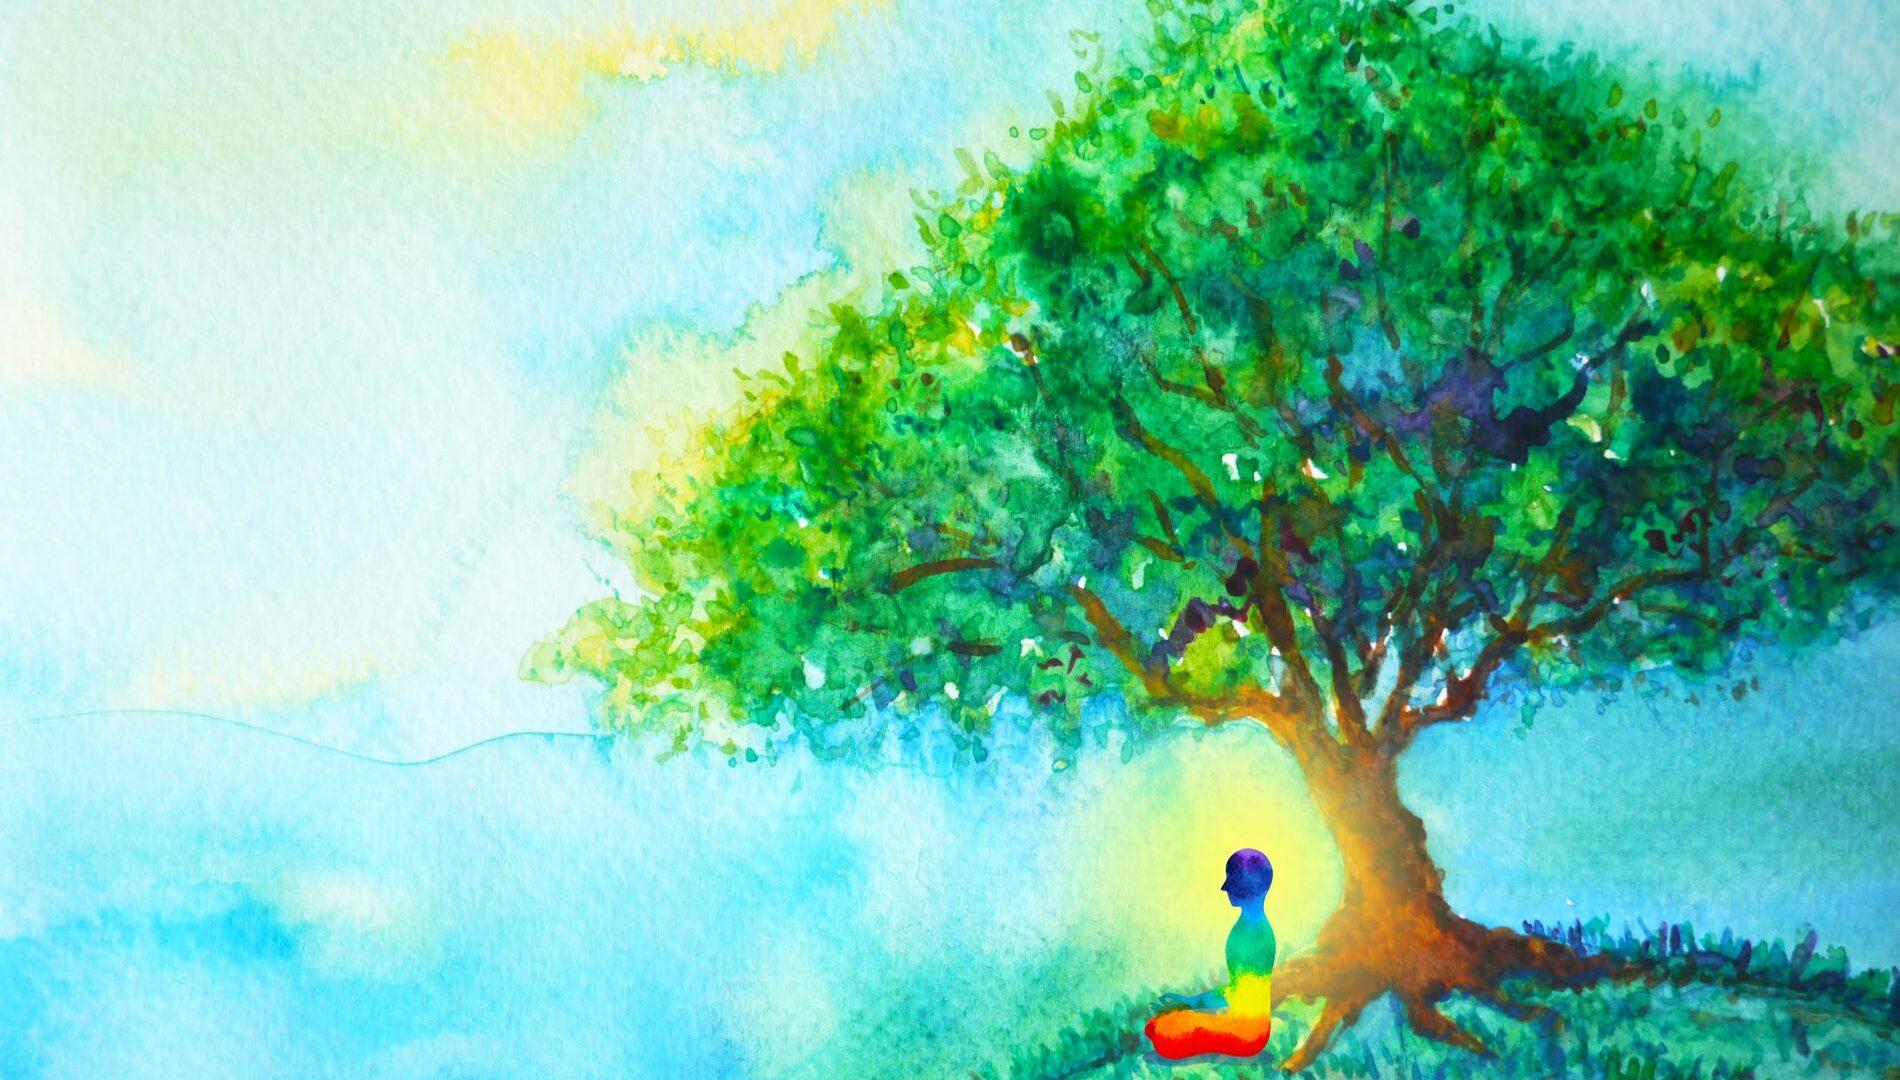 Mindfulness: come funziona, benefici, esercizi, app e libri